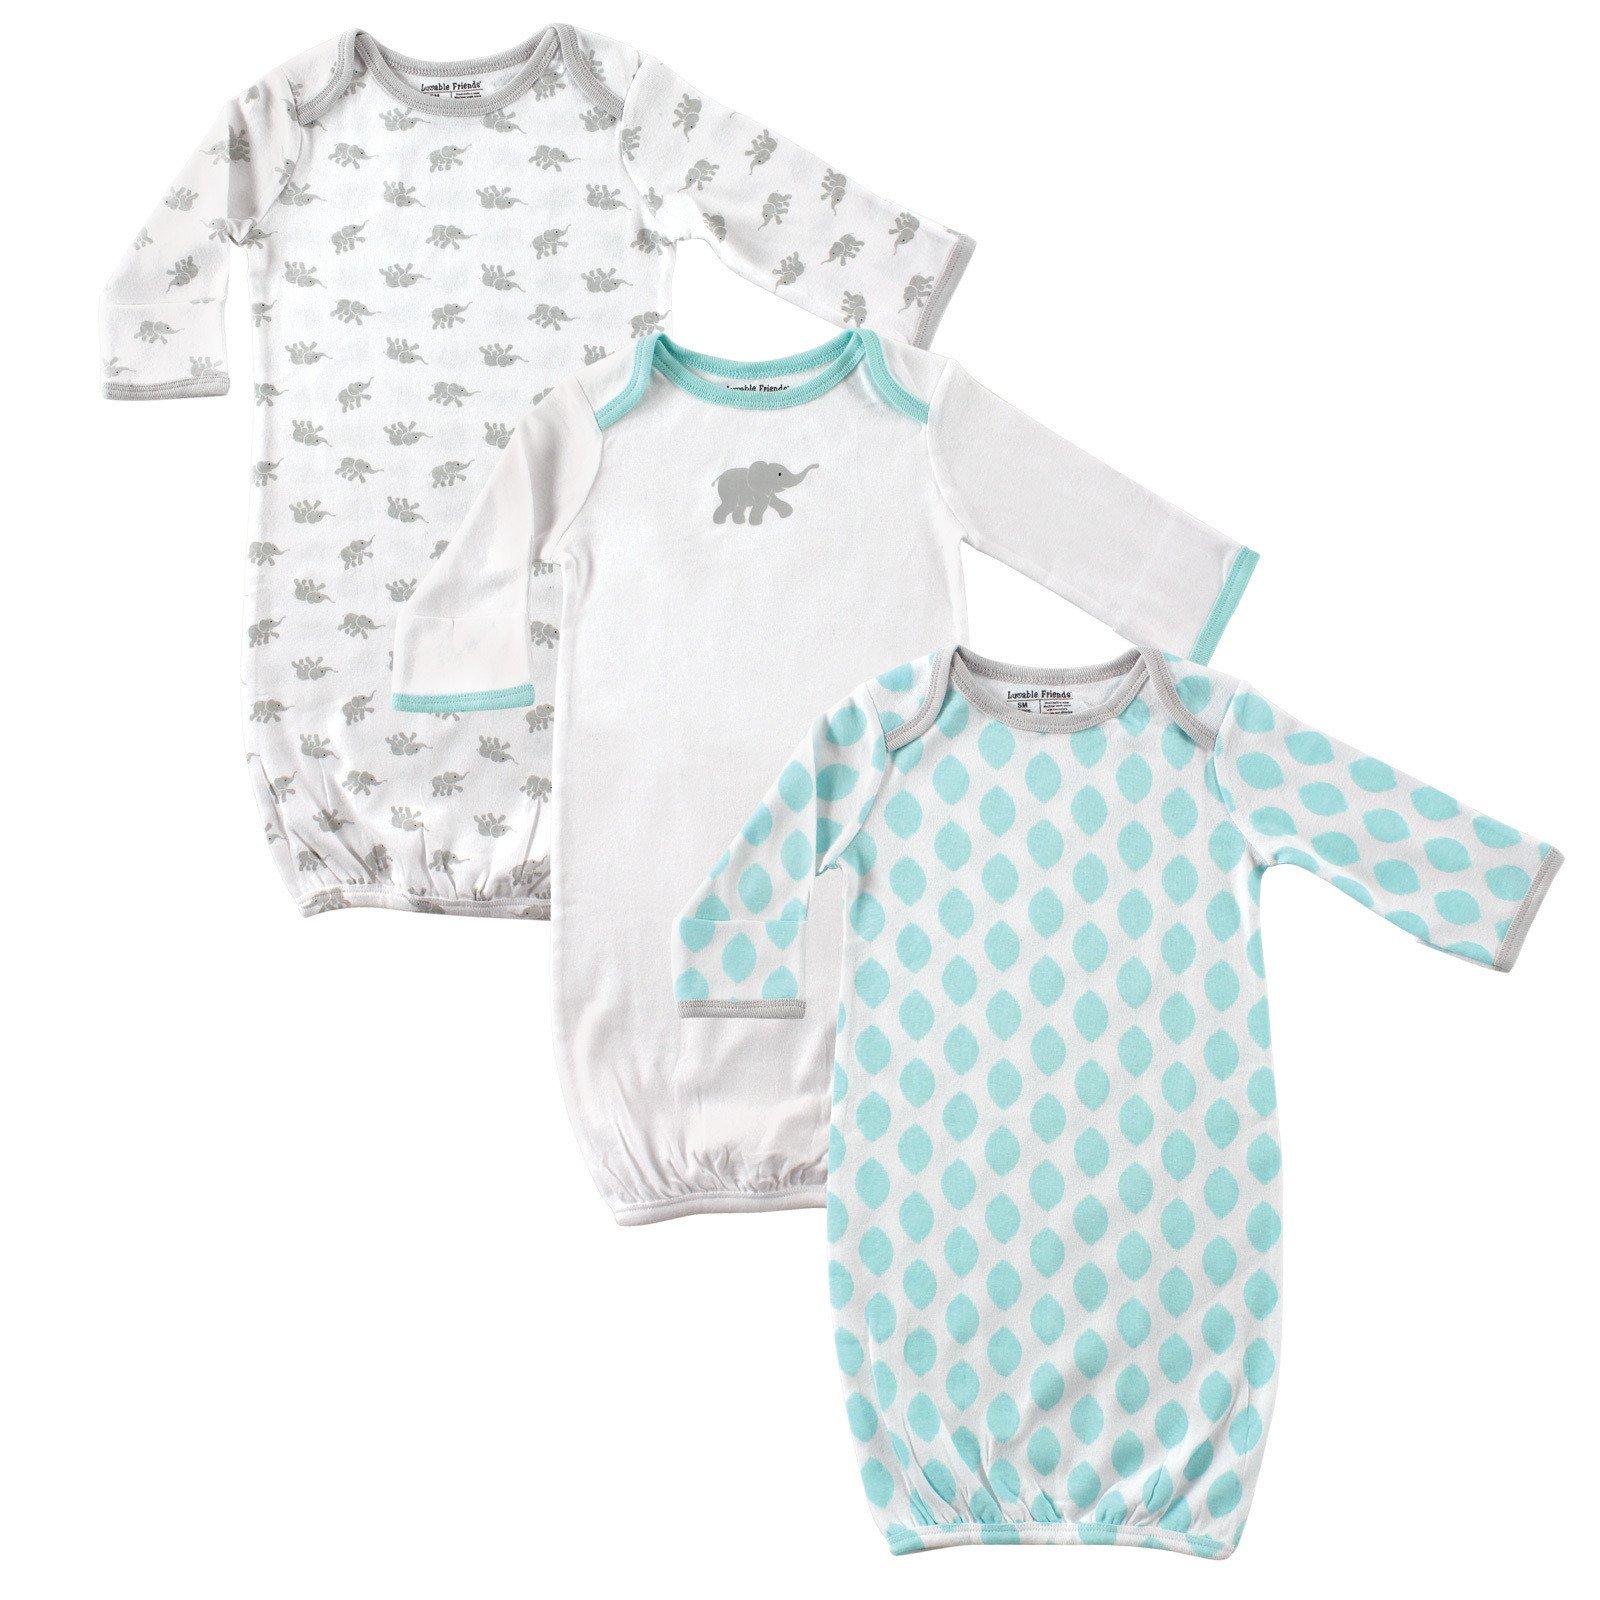 Luvable Friends Unisex 3 Pack Cotton Gown, Mint/Grey Elephant, 0-6 Months